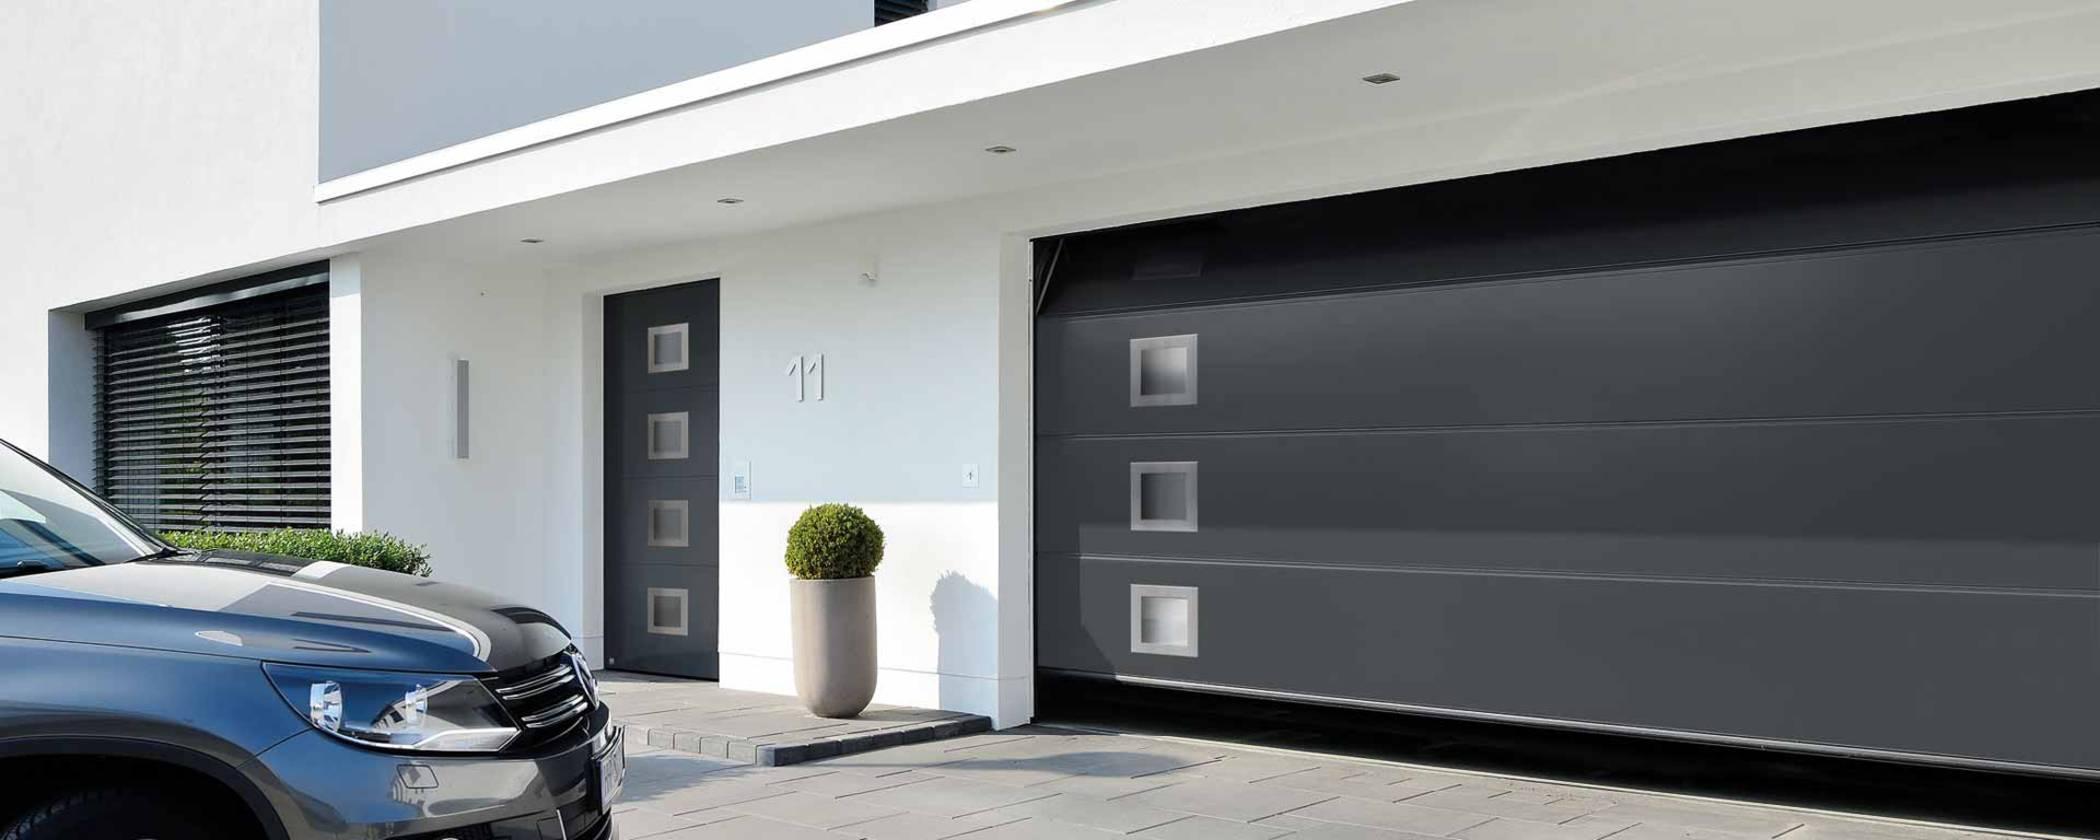 Puertas automáticas para su garaje